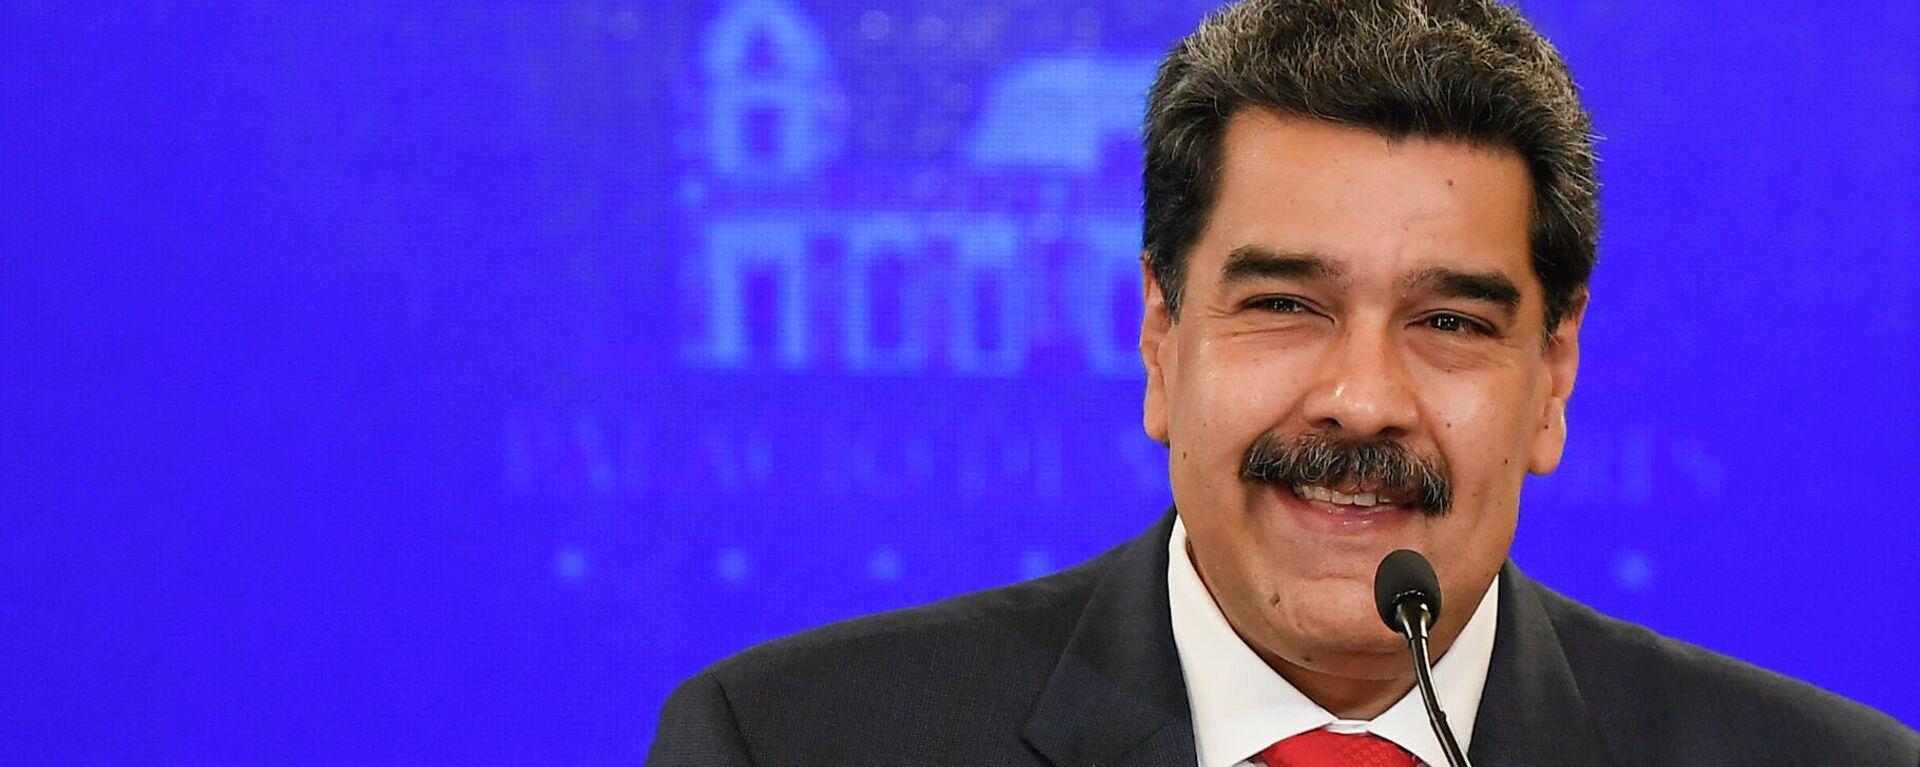 Nicolás Maduro, presidente de Venezuela - Sputnik Mundo, 1920, 31.08.2021